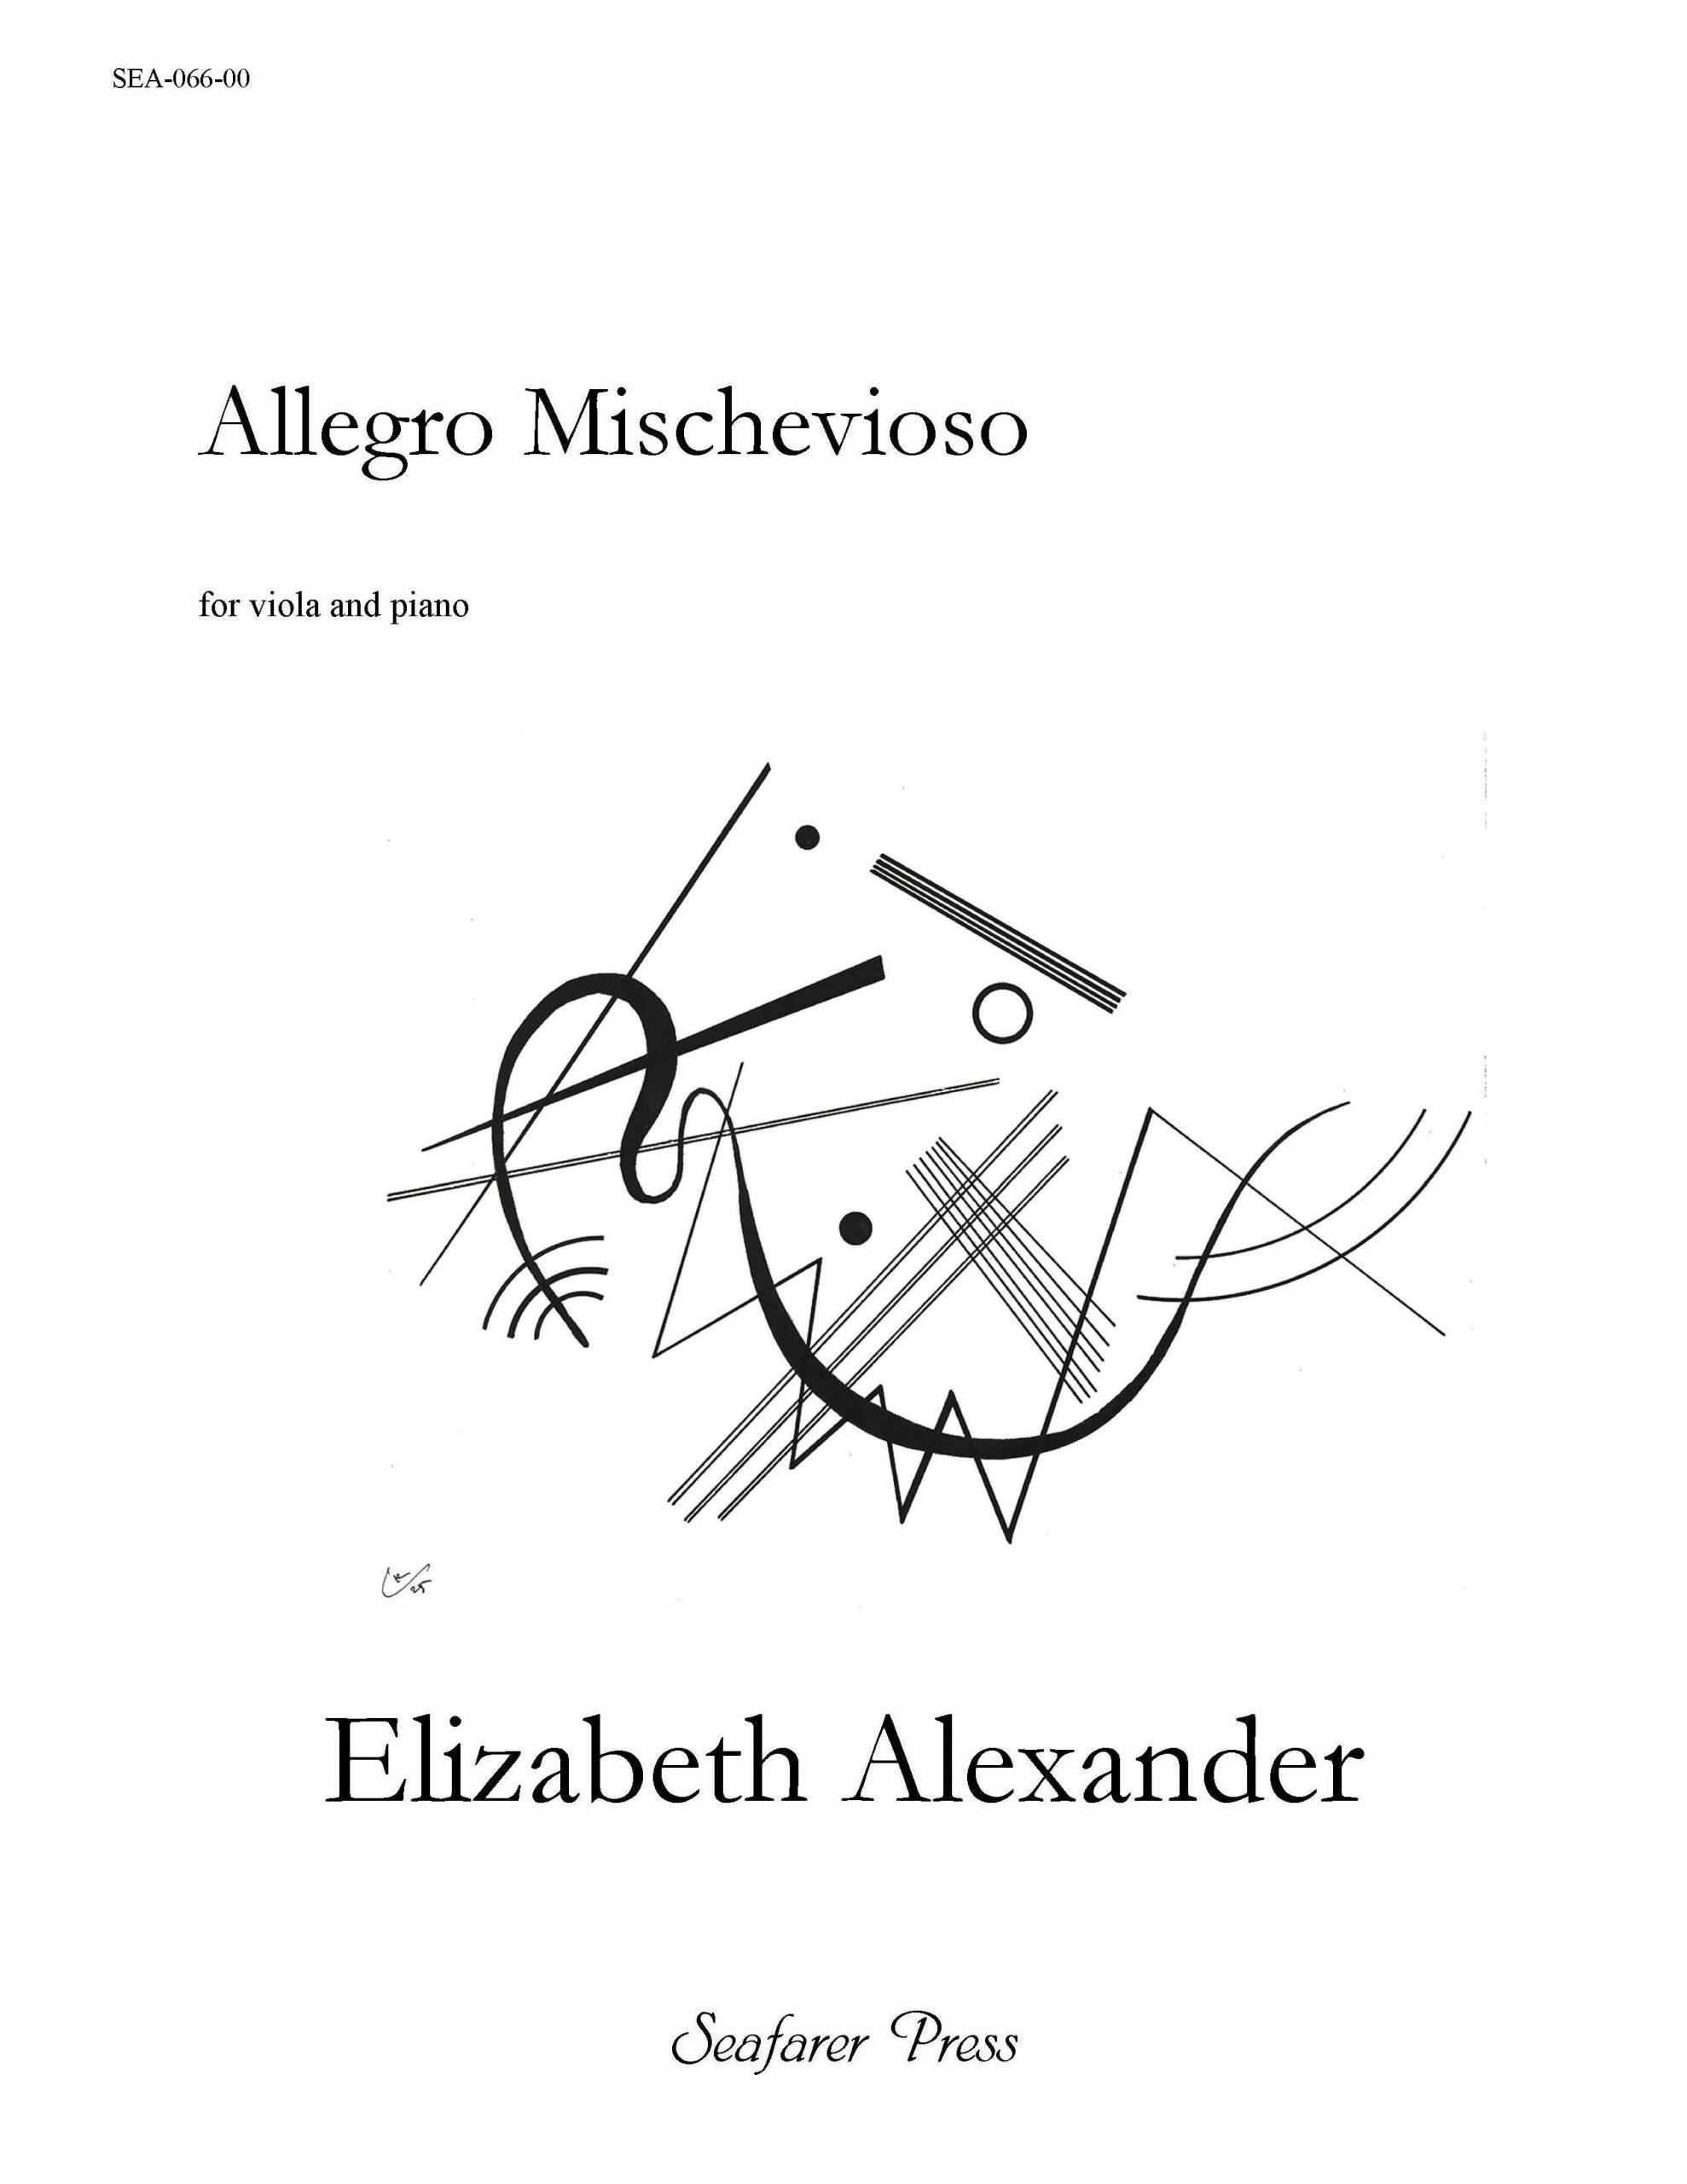 SEA-066-00 - Allegro Mischevioso